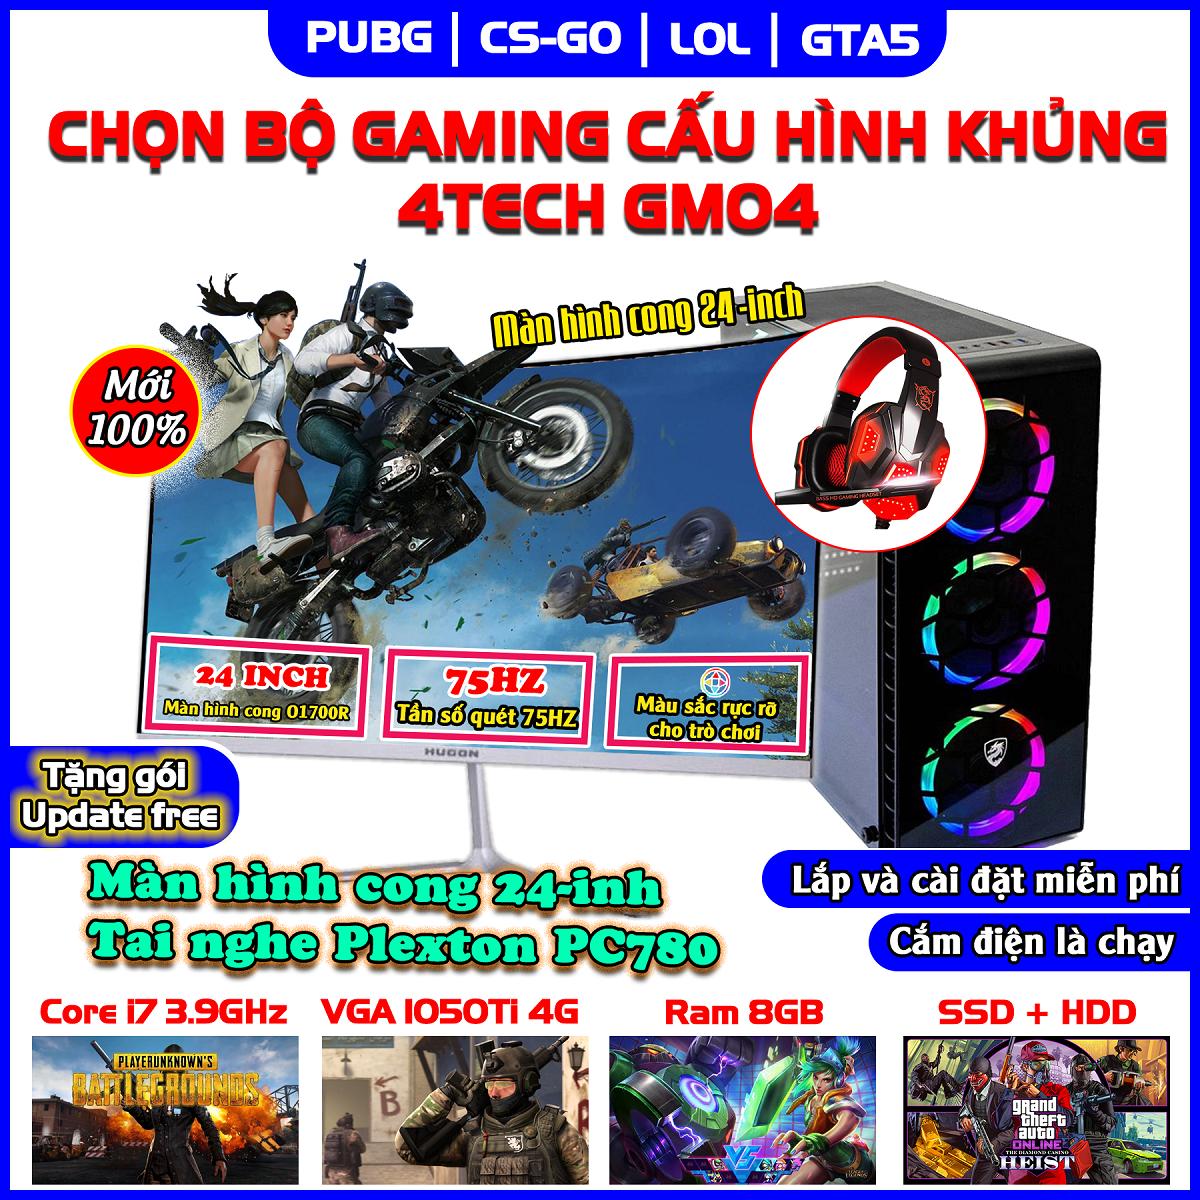 [Trả góp 0%][VOUCHER 8%] Máy tính Case PC Gaming Desktop cao cấp Core i7 Ram 8Gb hai ổ cứng SSD + HDD VGA 1050Ti màn 22inch 4TechGM04 2021 thùng cây để bàn Full Led chiến mọi Game hay thế giới Maxsetting Live Stream thiết kế đồ họa Edit Vid